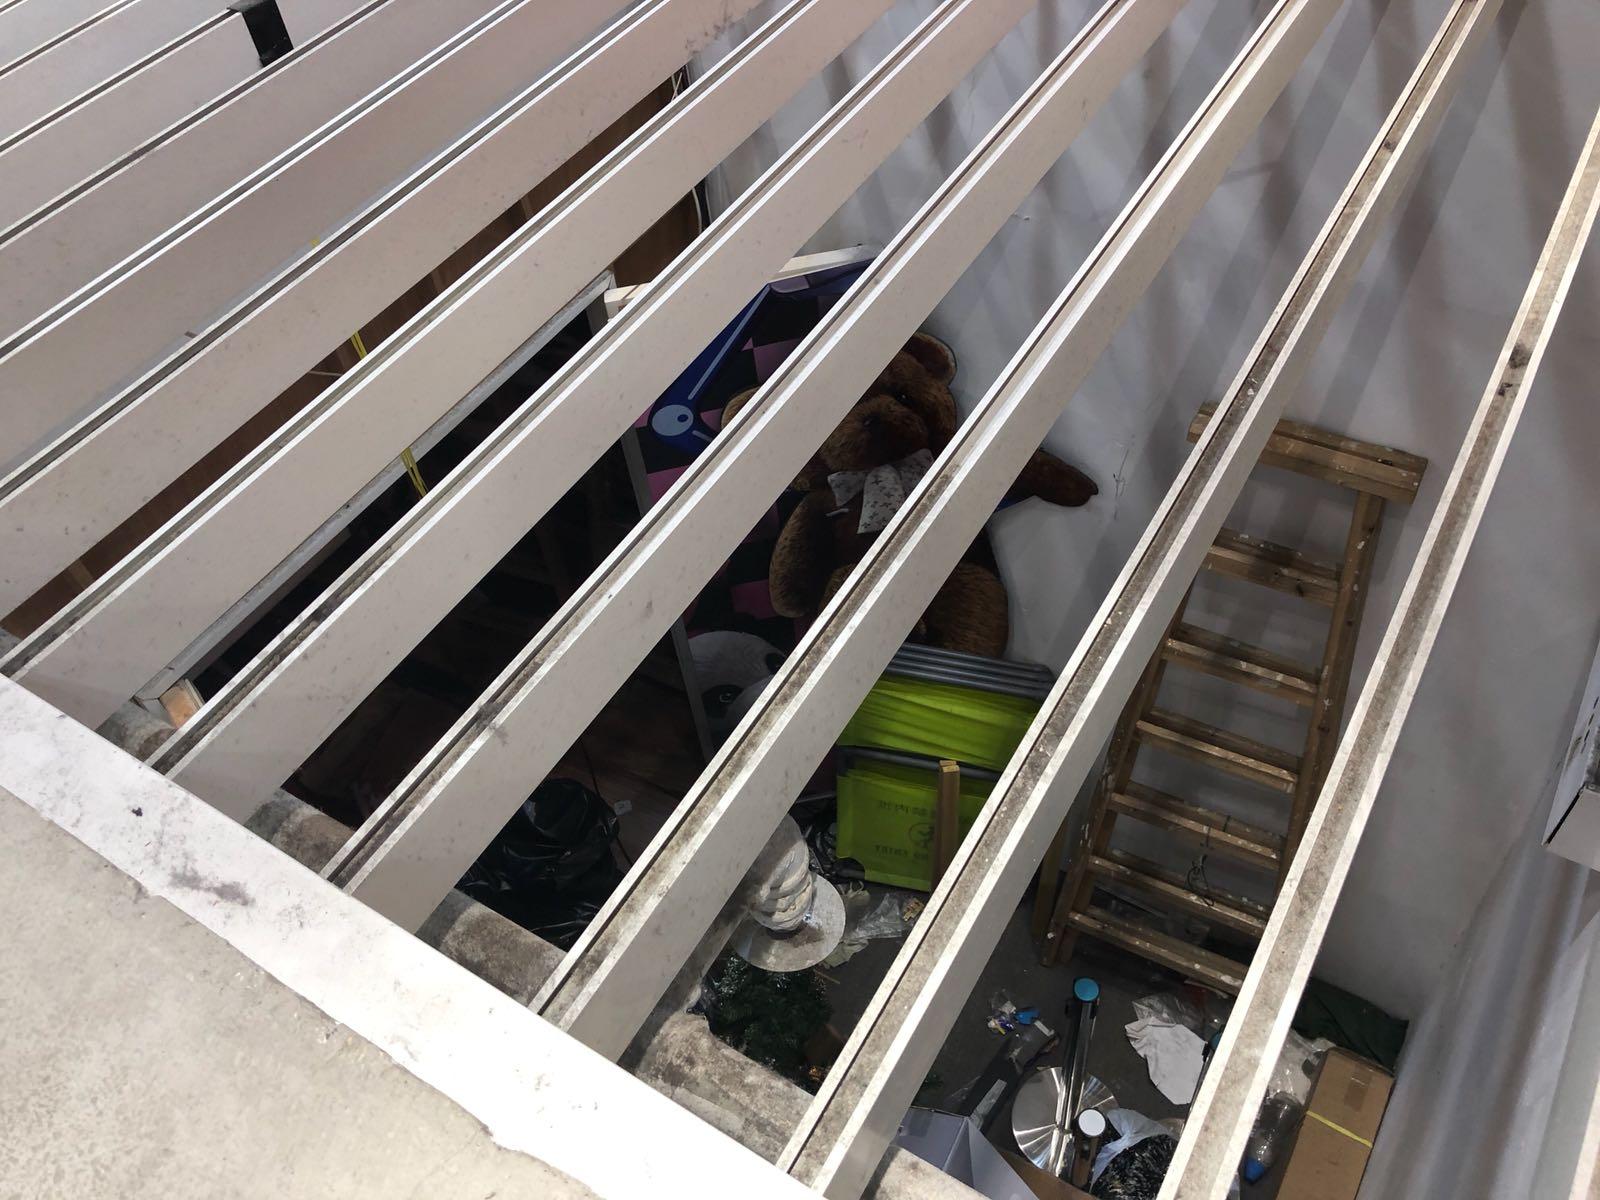 地皇廣場地下大堂被大業主團封起,用作堆放雜物。